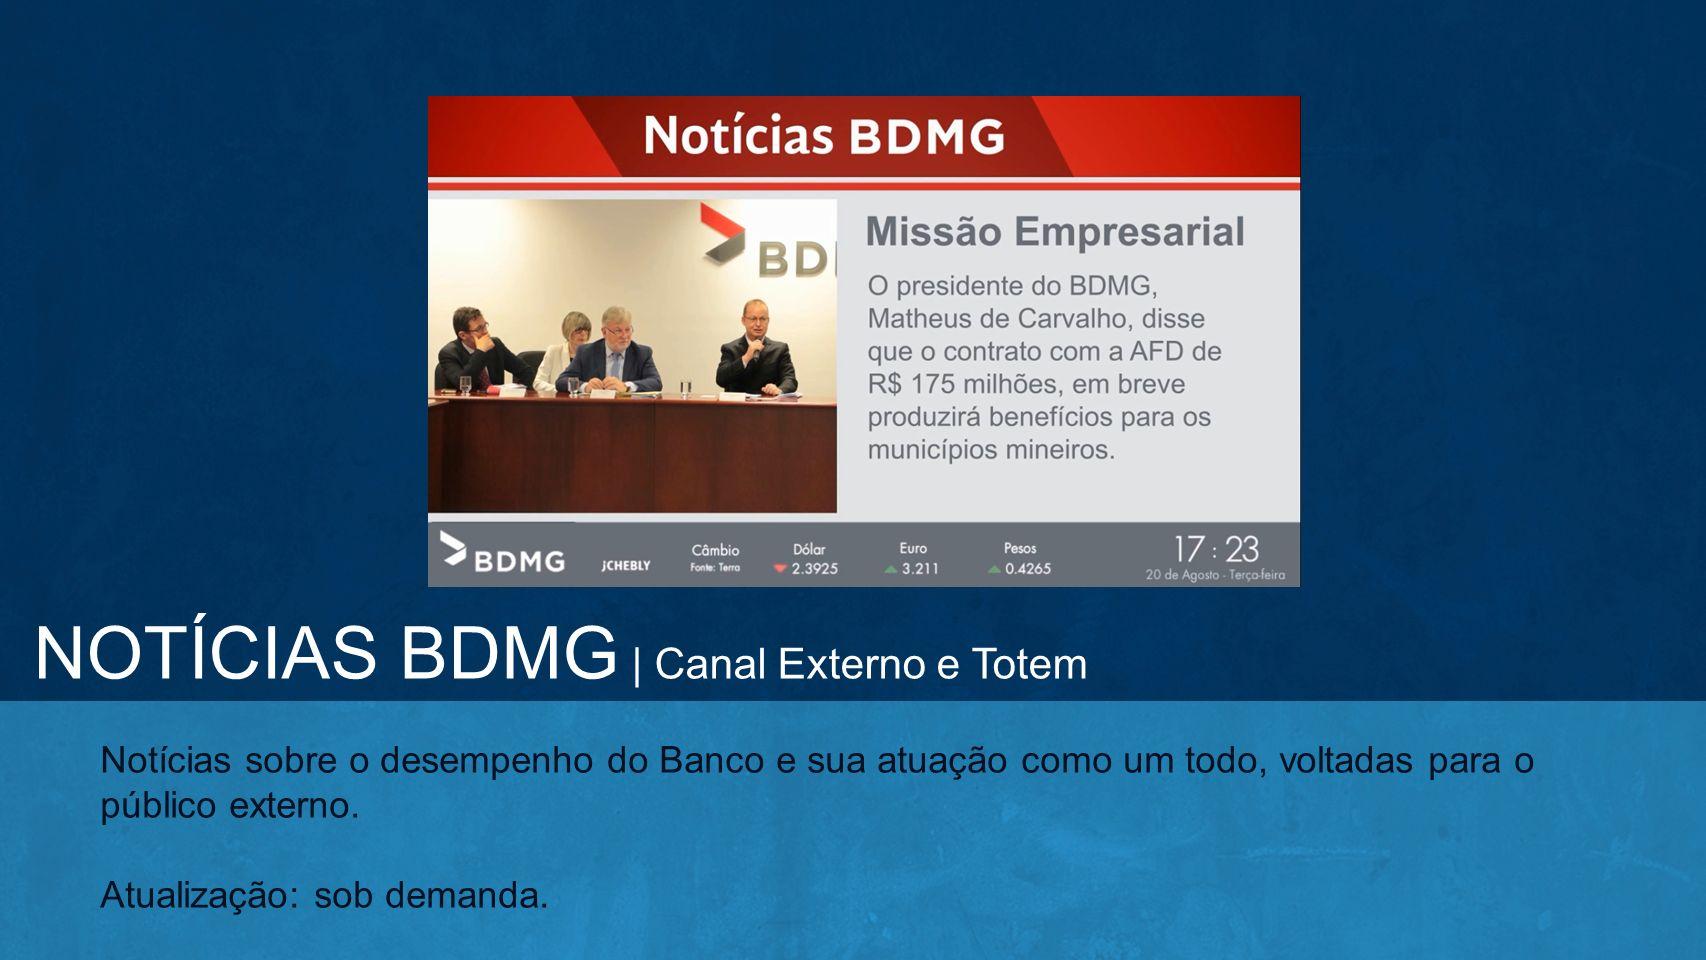 NOTÍCIAS BDMG | Canal Externo e Totem